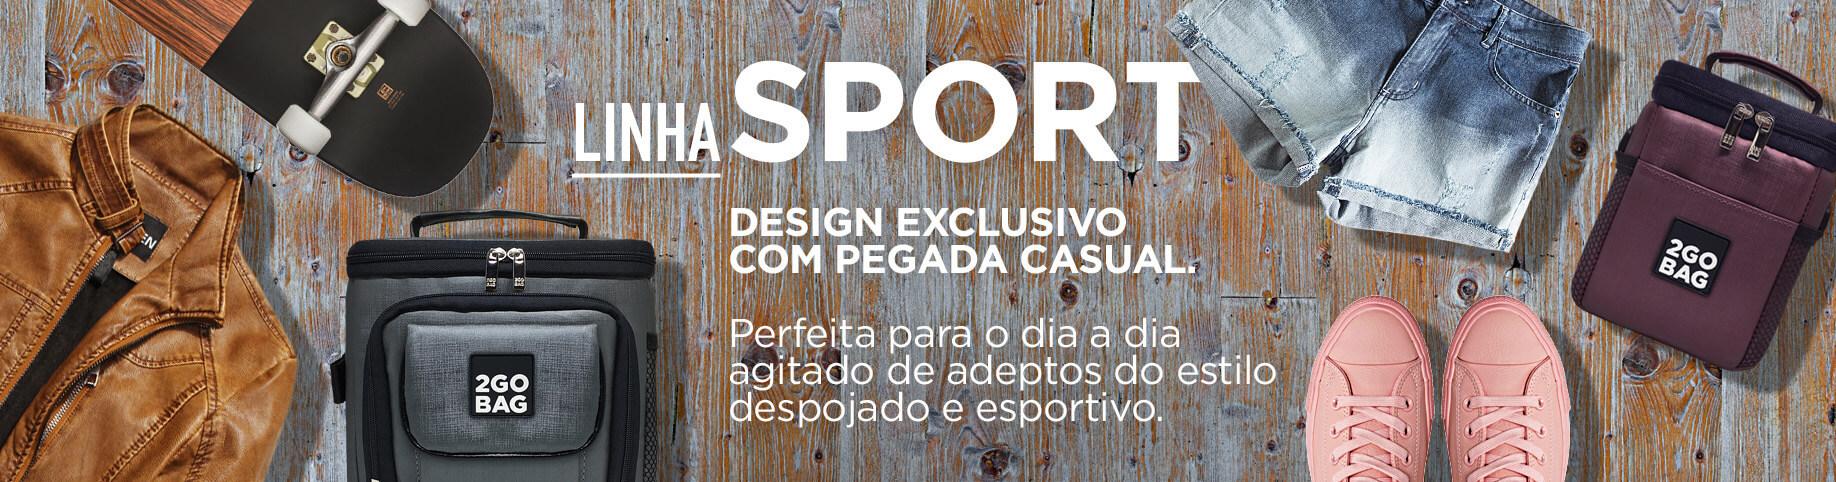 Linha Sport